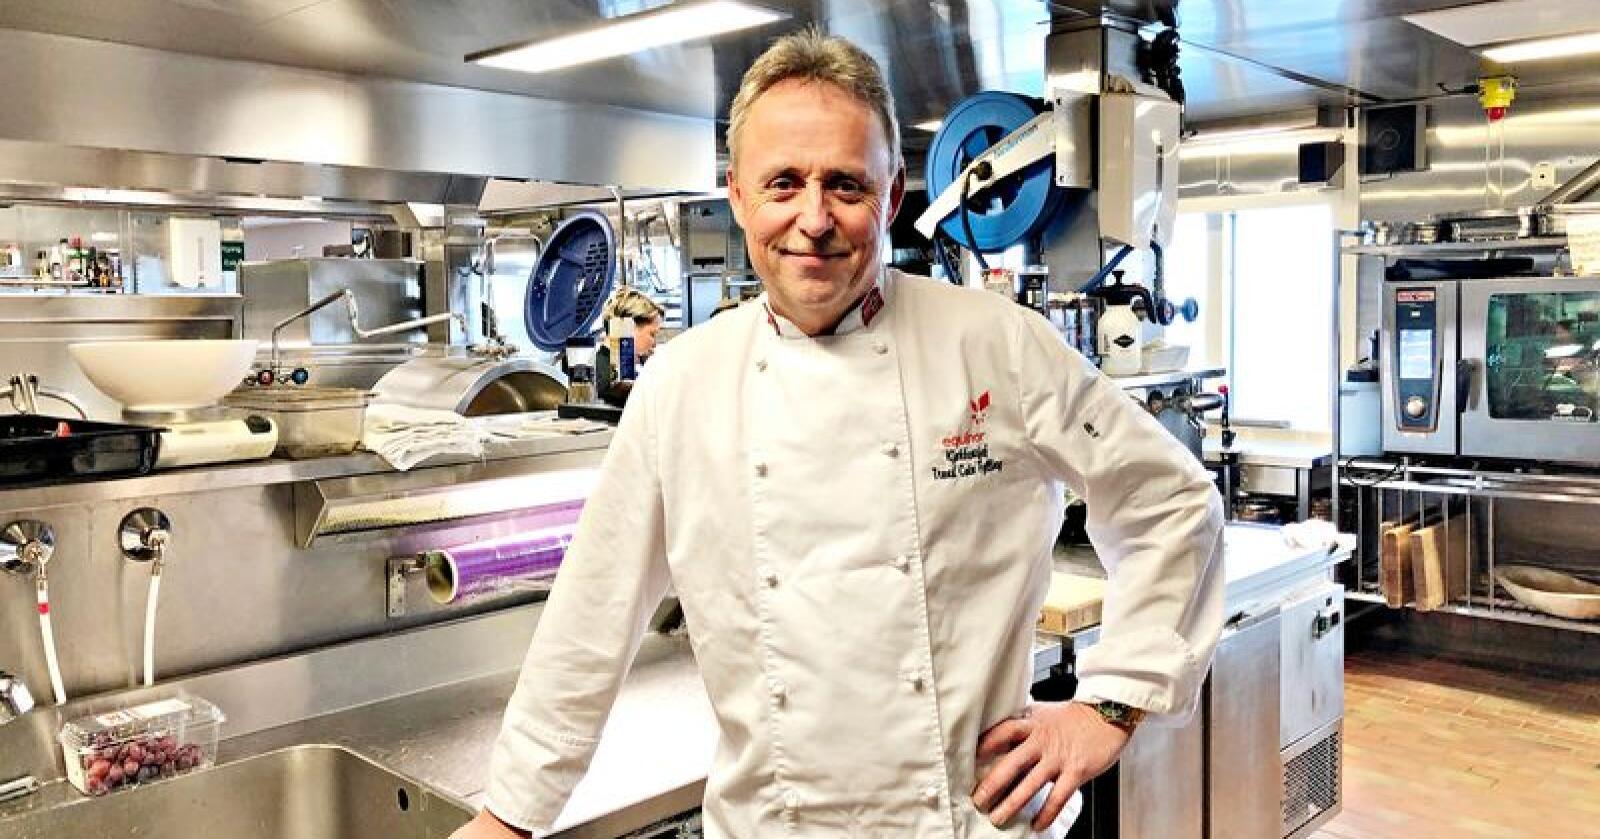 Norsk mat: Trond Cato Fylling jobber for å få mer norsk kjøtt på kjøkkenet sitt på Haltenbanken. (Foto: Privat)